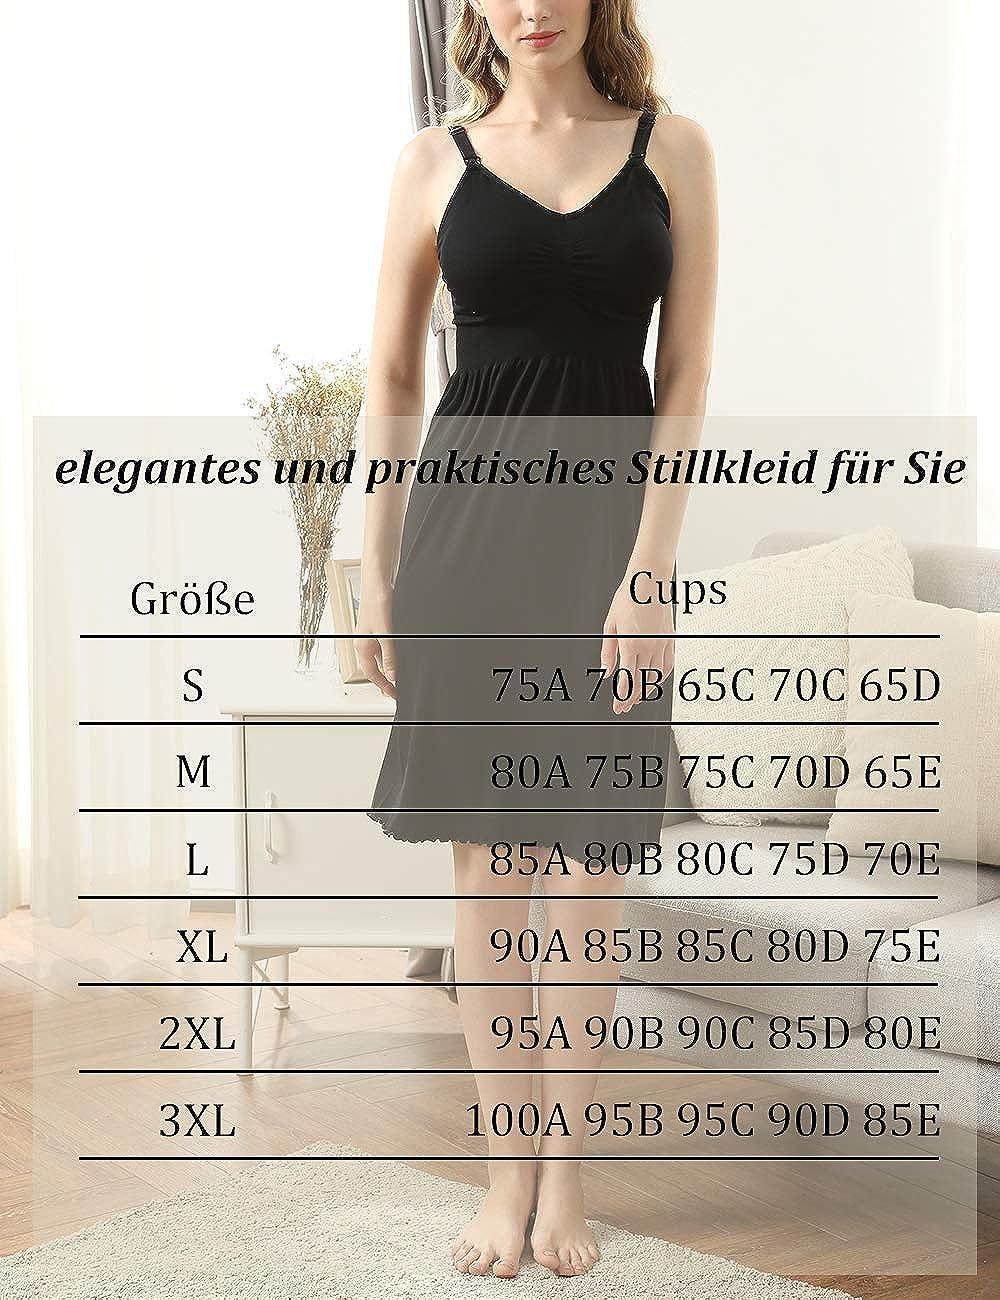 iloveSIA Damen 3 in 1 Stillkleid elegant Umstandskleid mit Stillfunktion